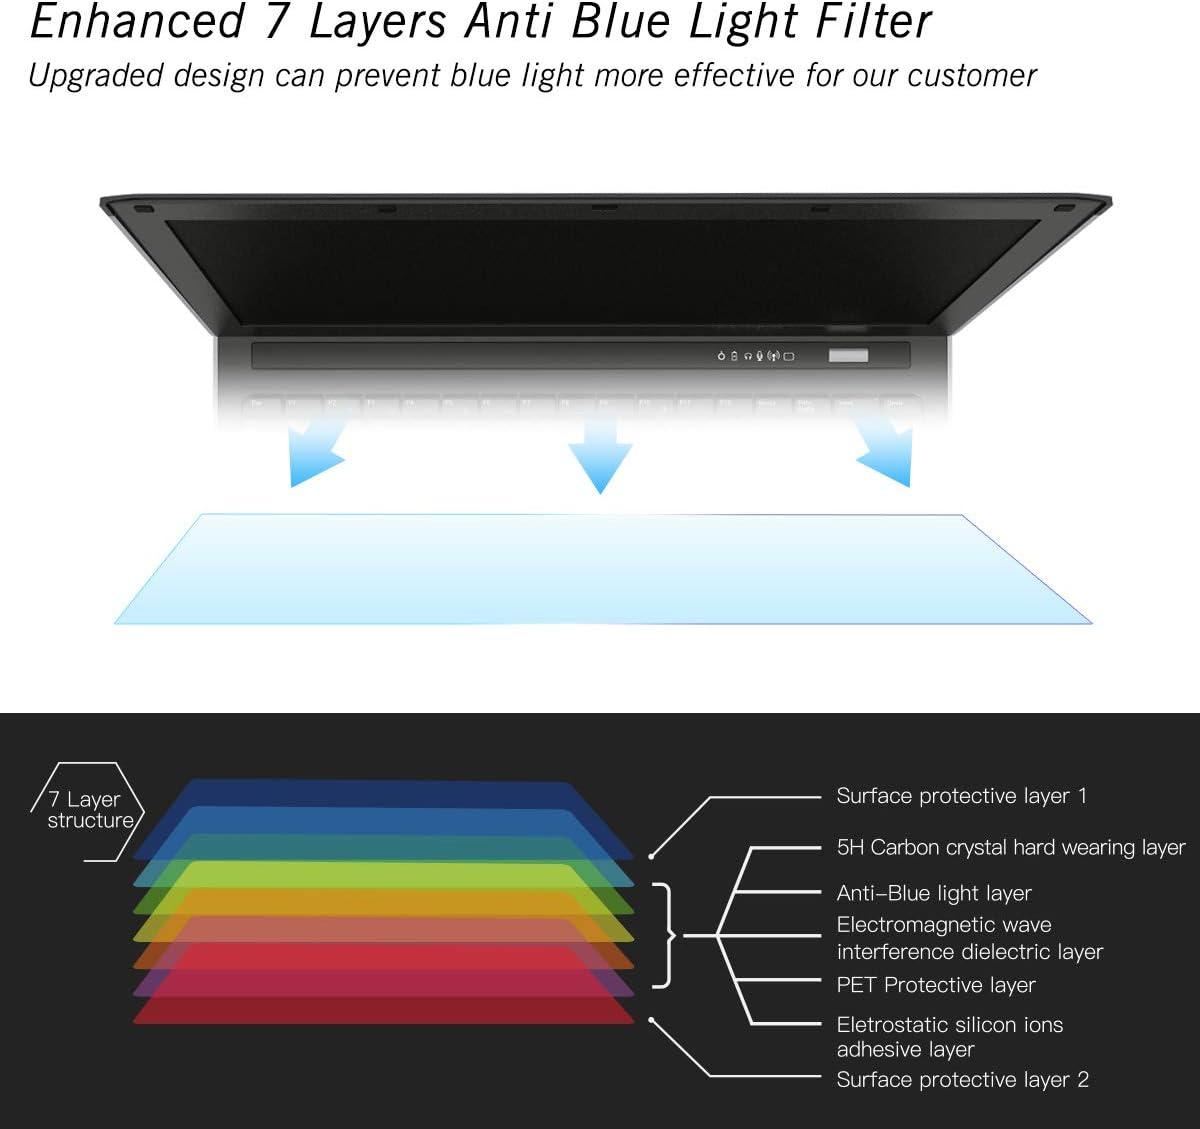 Anti Blue Light Anti Glare Filter for Dell Latitude 14 5480 5490 7490 E5490 E5491 E5450 E6430 E6440 E5470 E7440 E7450 E7470 E7480 E7440 for Dell Latitude 14 Inch Screen Protector